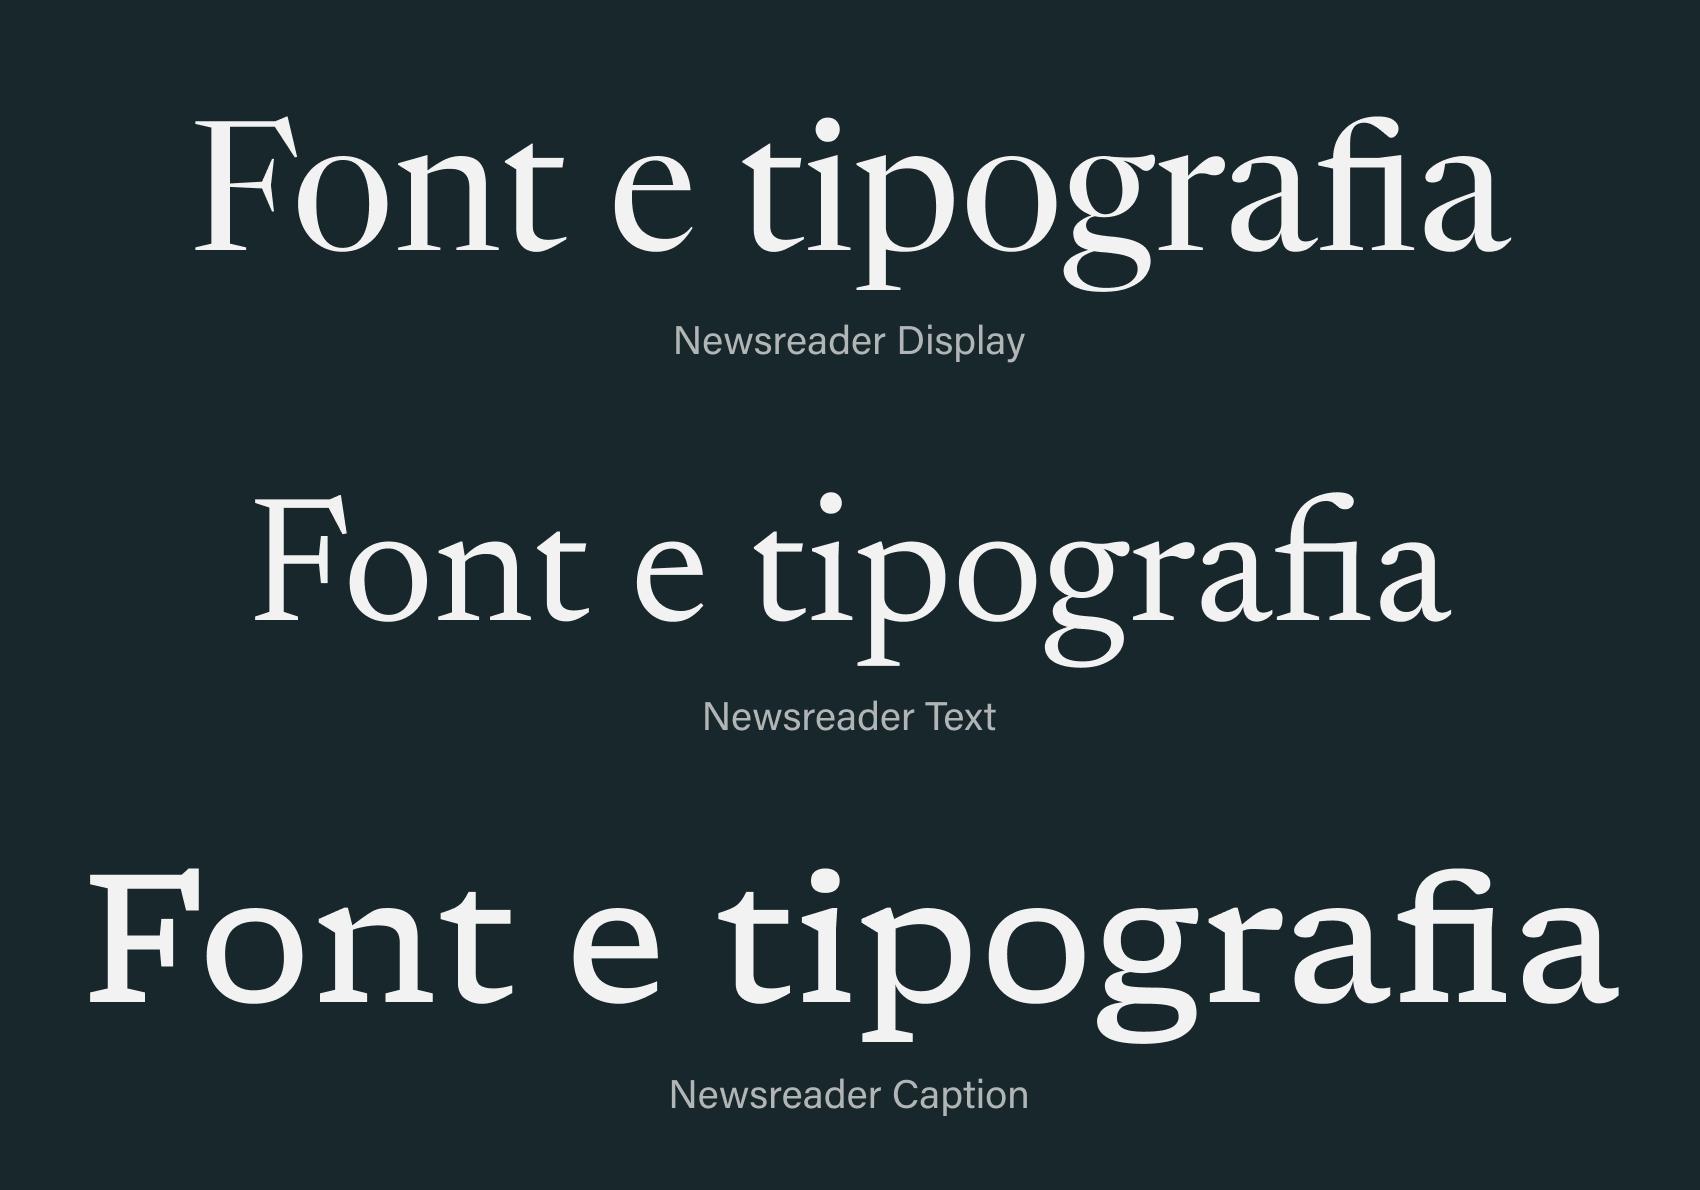 Il Newsreader di Production Type è un esempio di un'ampia famiglia con tre destinazioni d'uso: display, text e caption